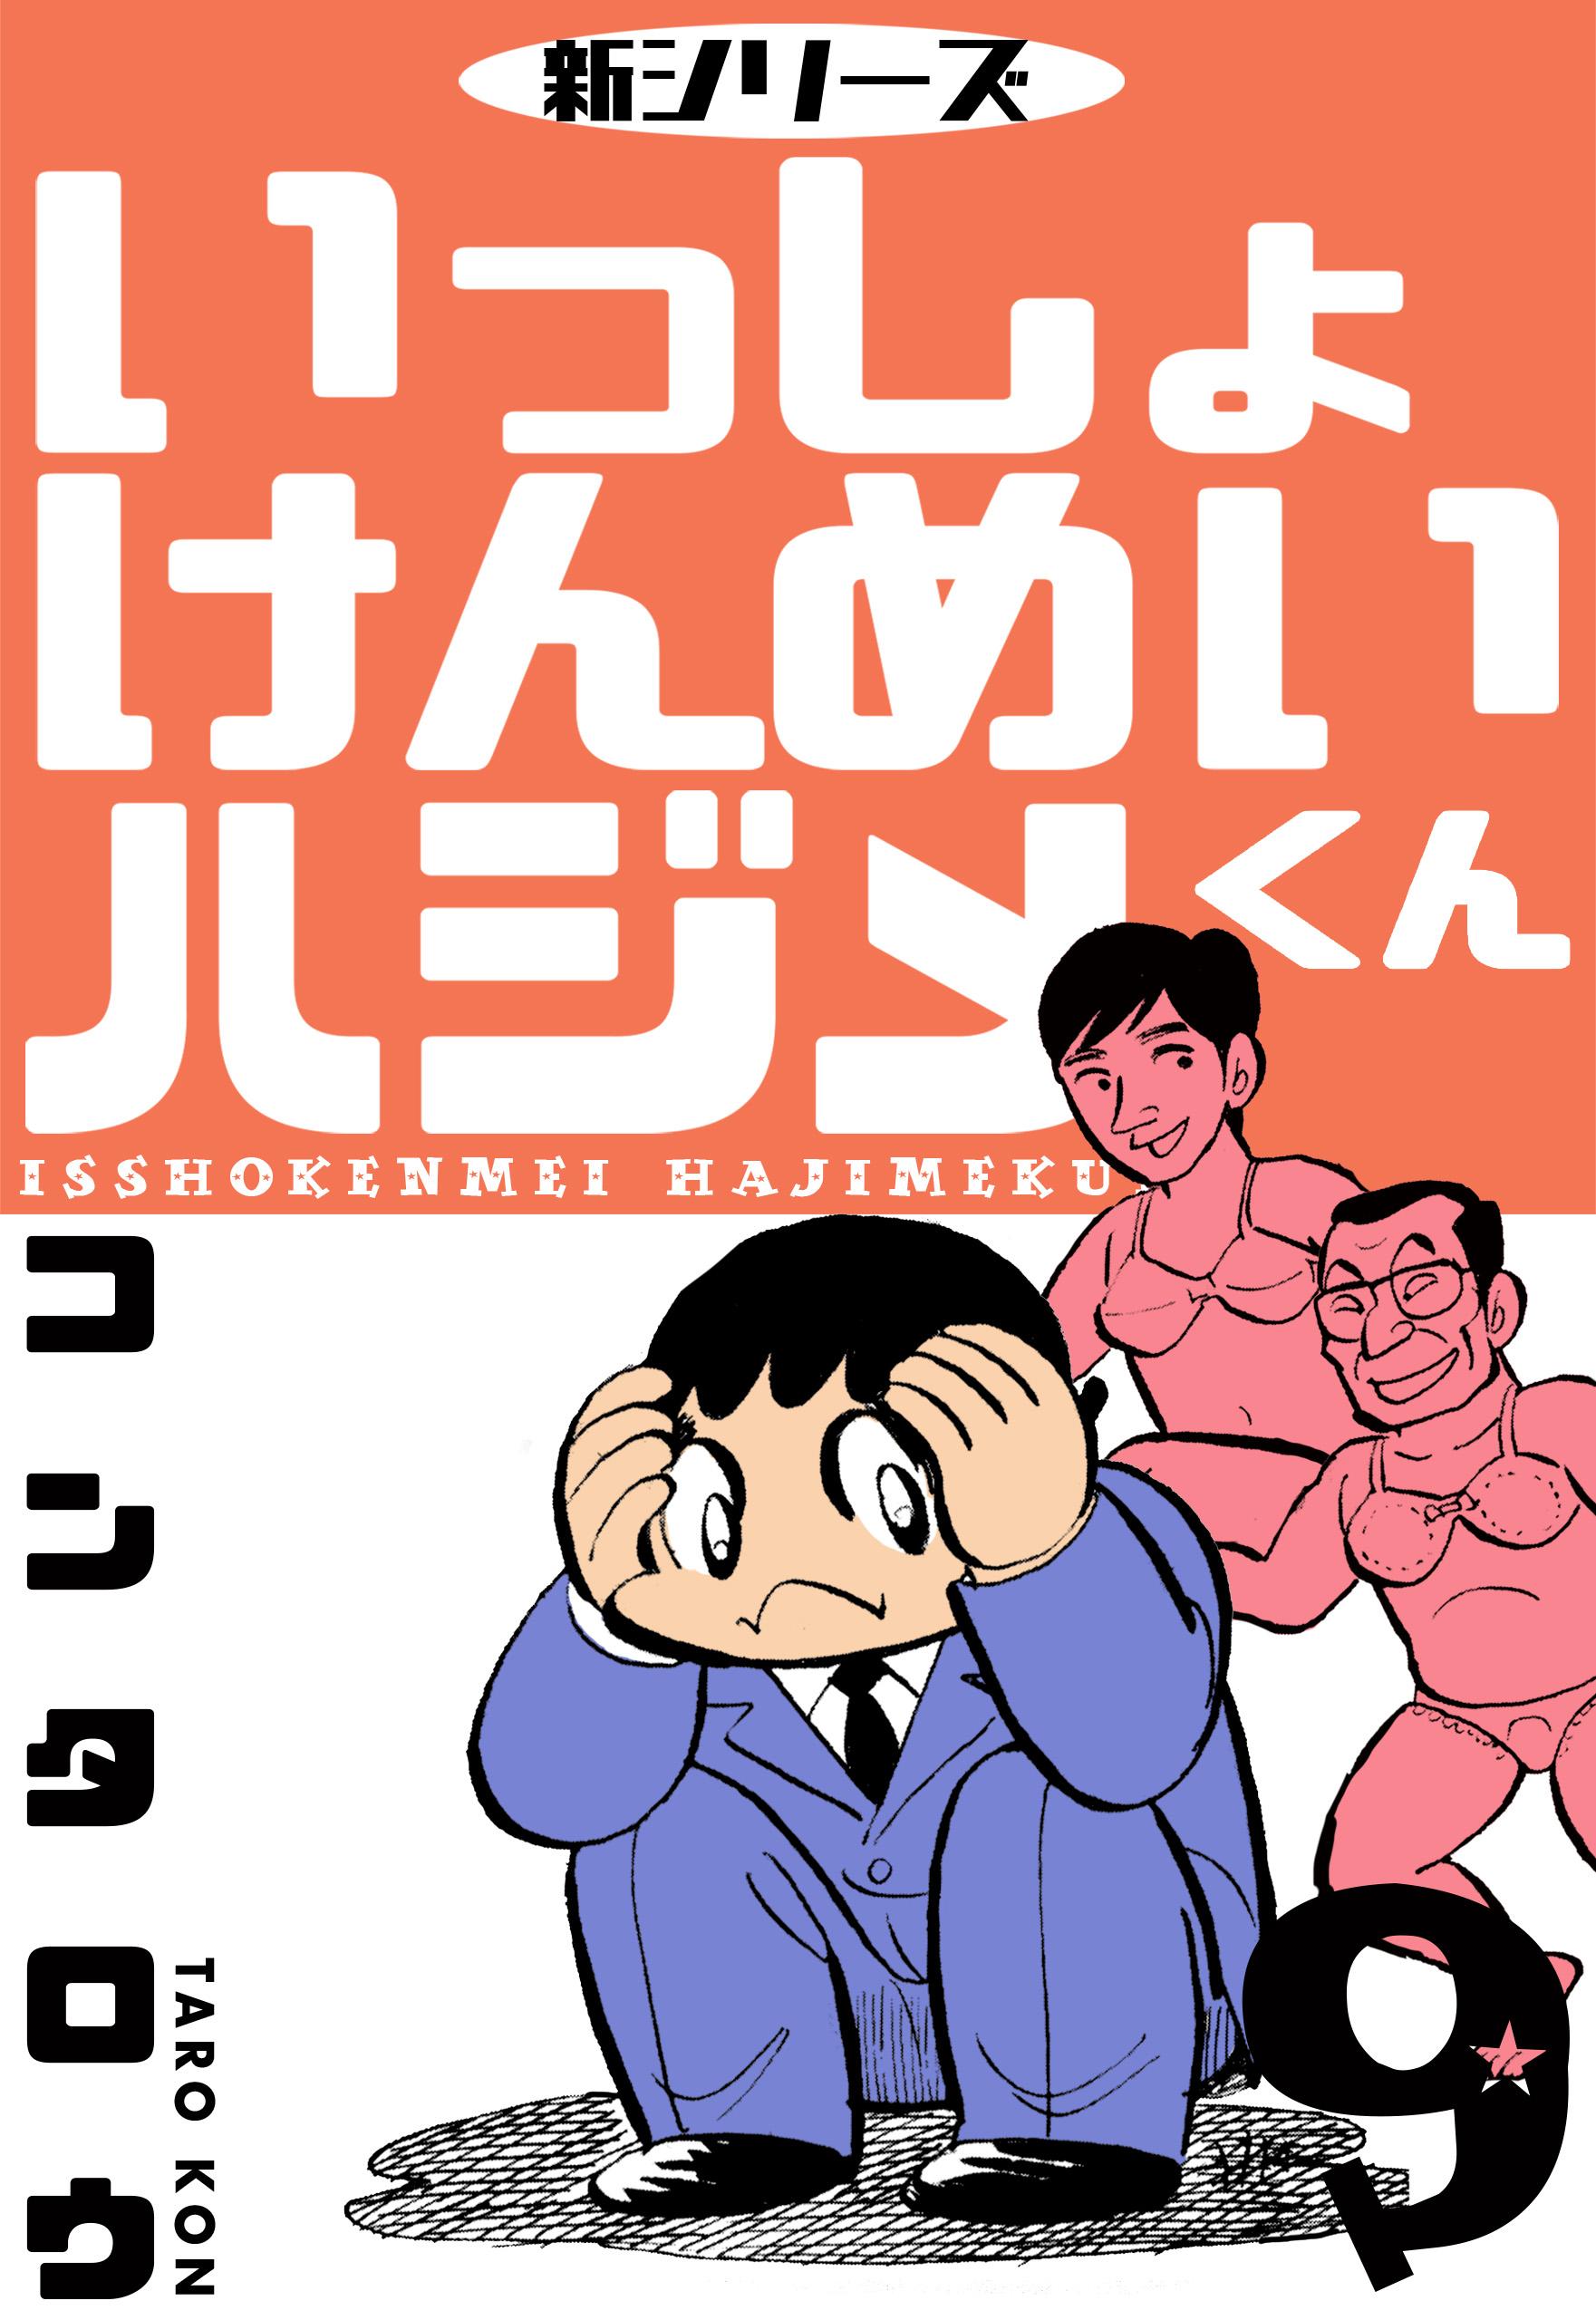 新シリーズ いっしょけんめいハジメくん(第9巻)